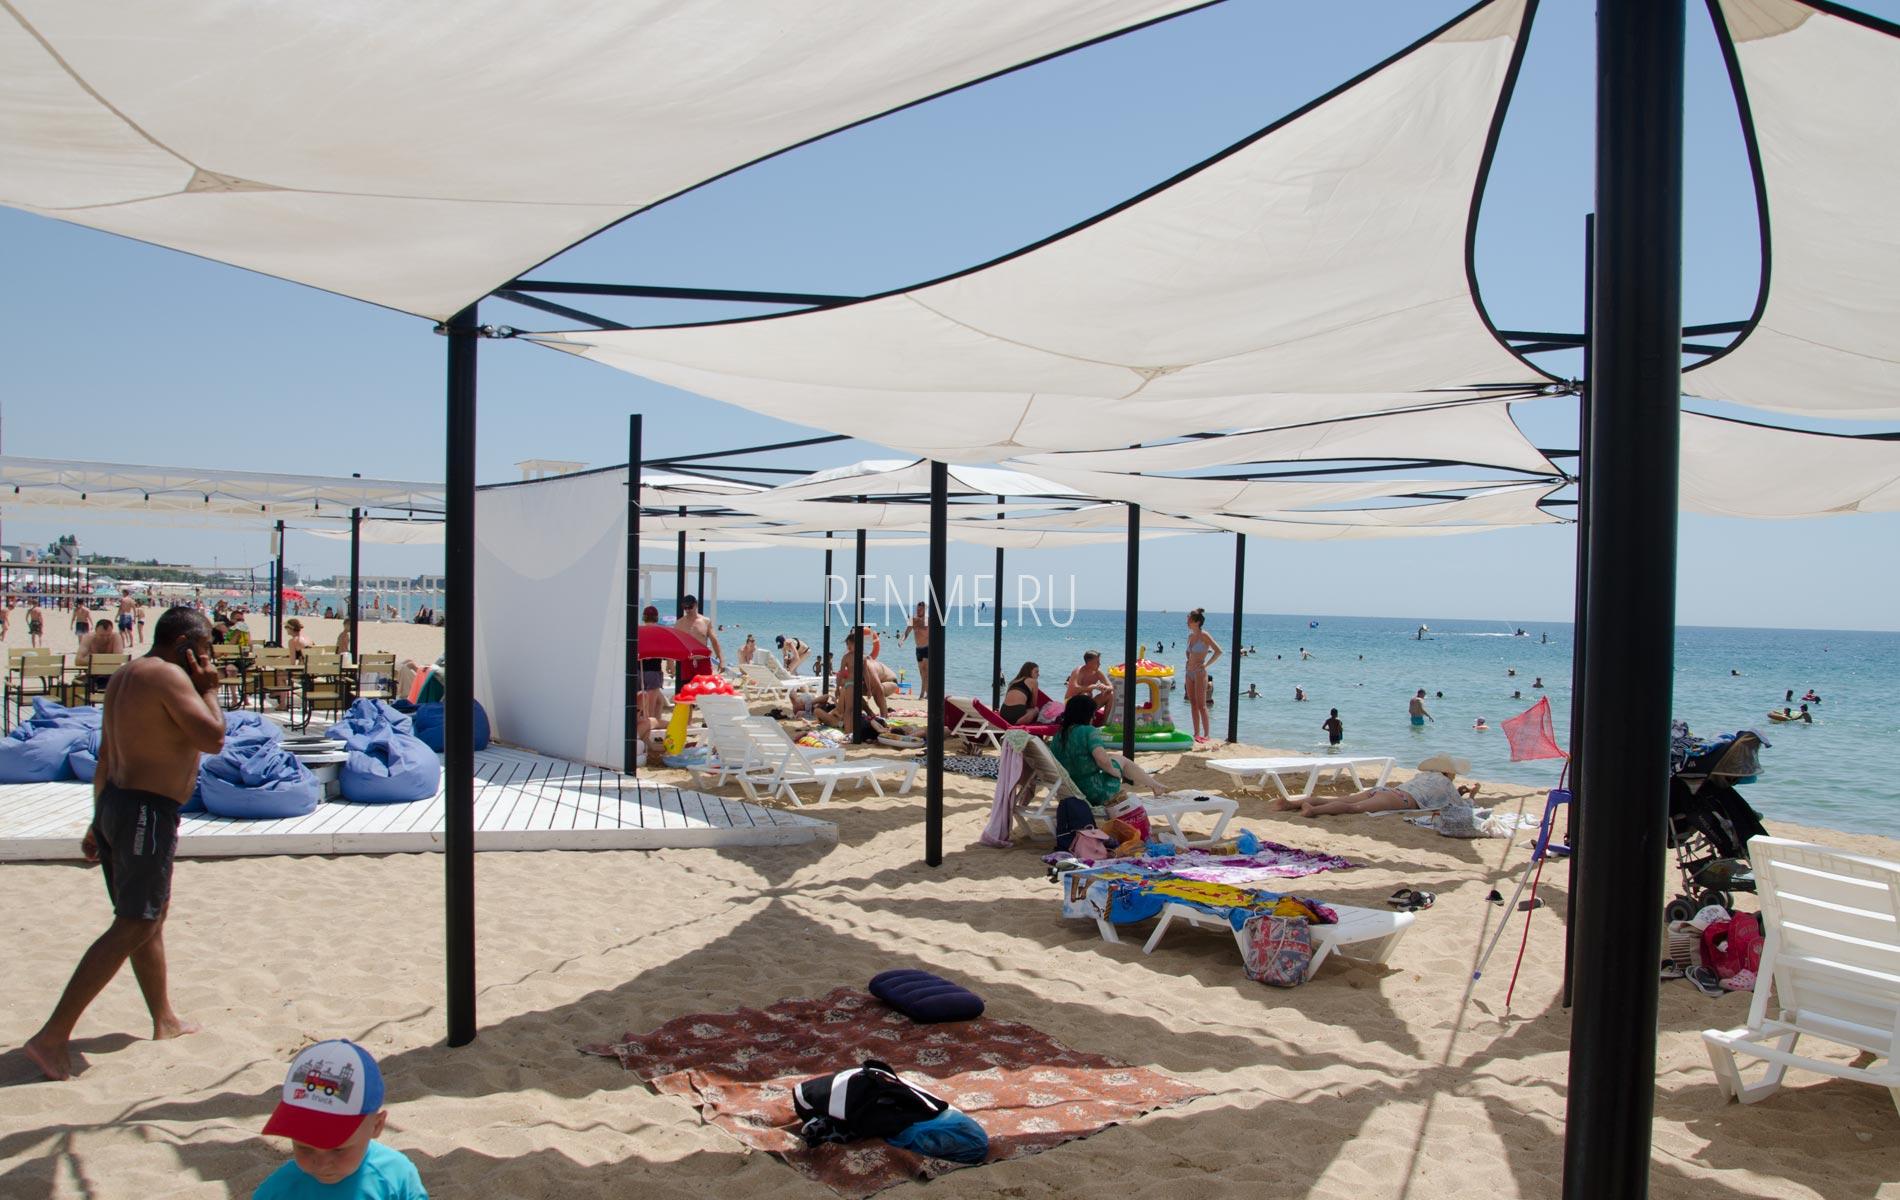 Пляж с бесплатными навесами в Заозёрном. Фото Заозёрного